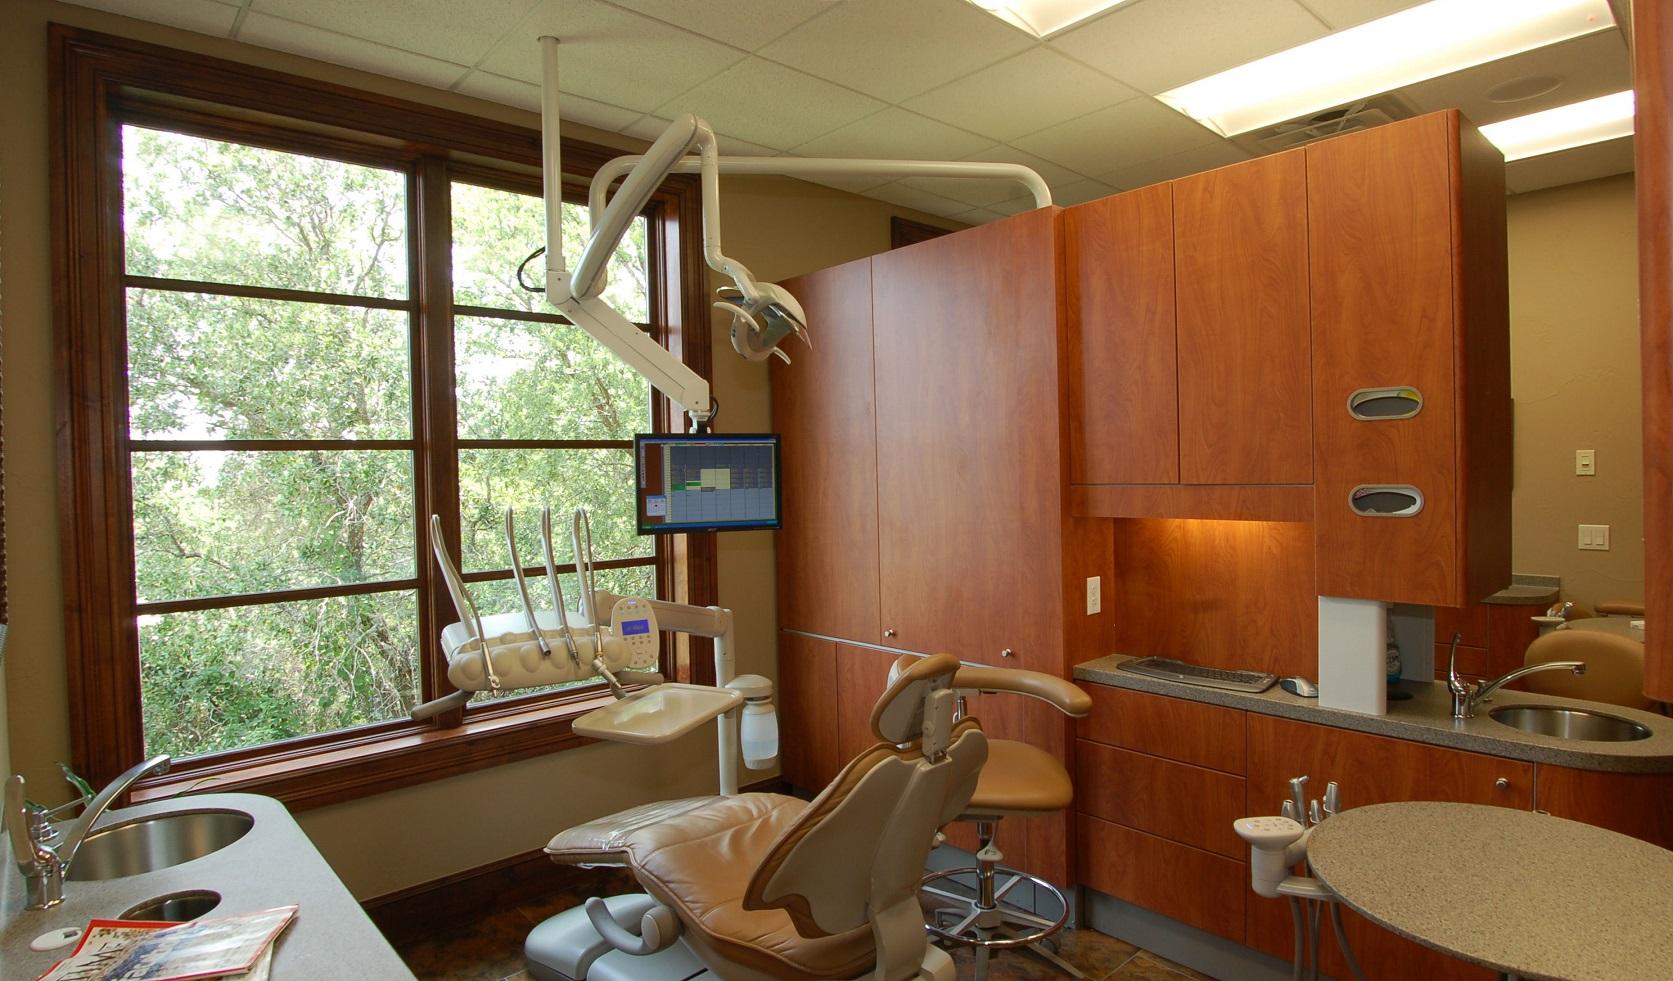 Lakeway Dental